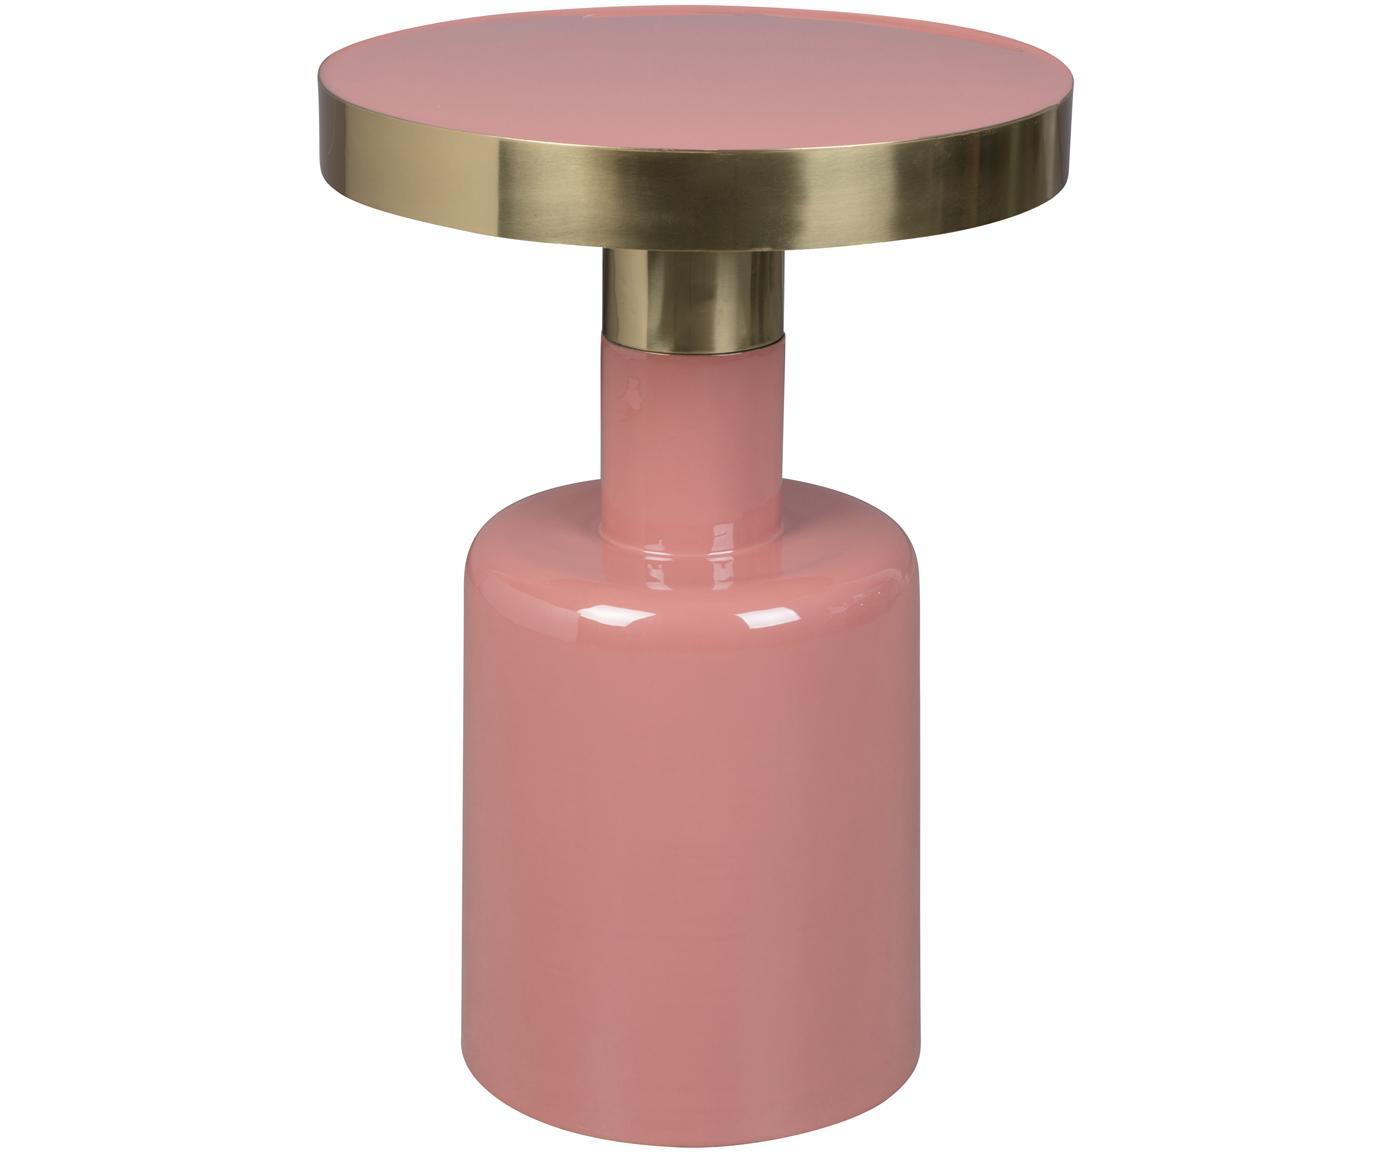 Stolik pomocniczy emaliowany Glam, Blat: metal emaliowany, Stelaż: metal malowany proszkowo, Blady różowy, Ø 36 x W 51 cm